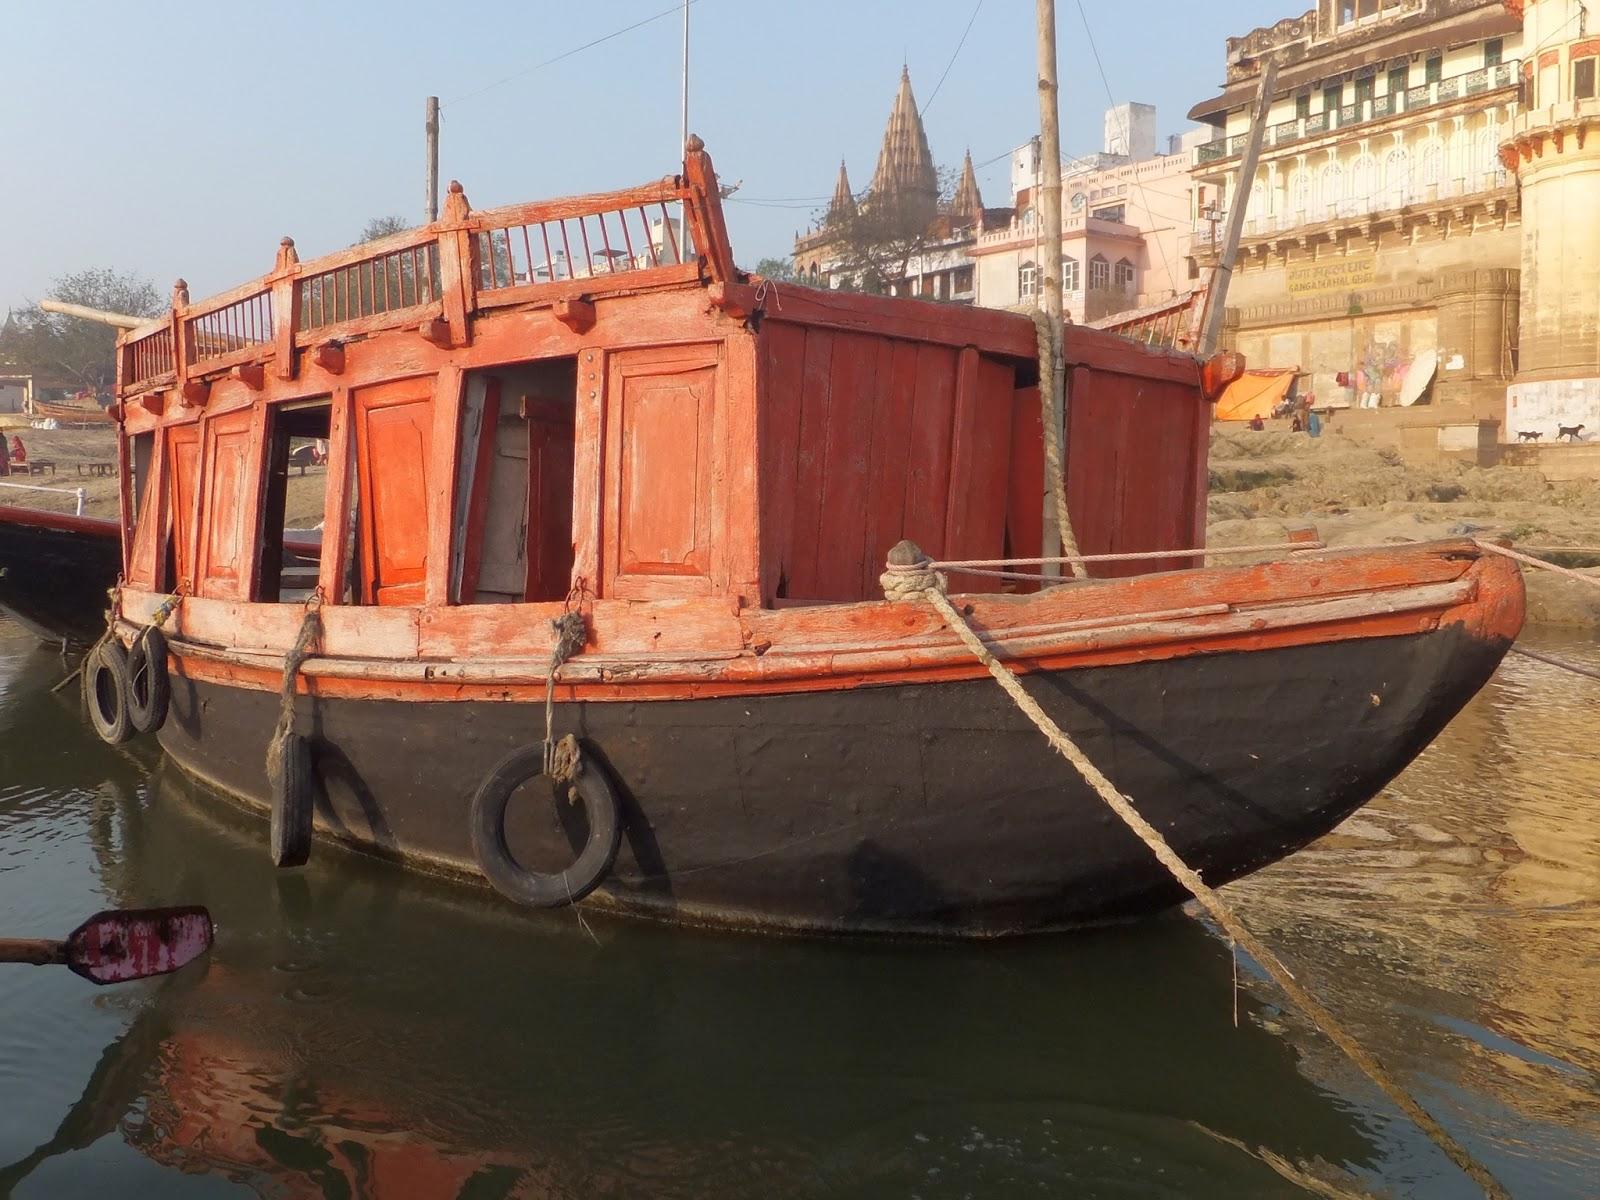 старая разваливающаяся лодка